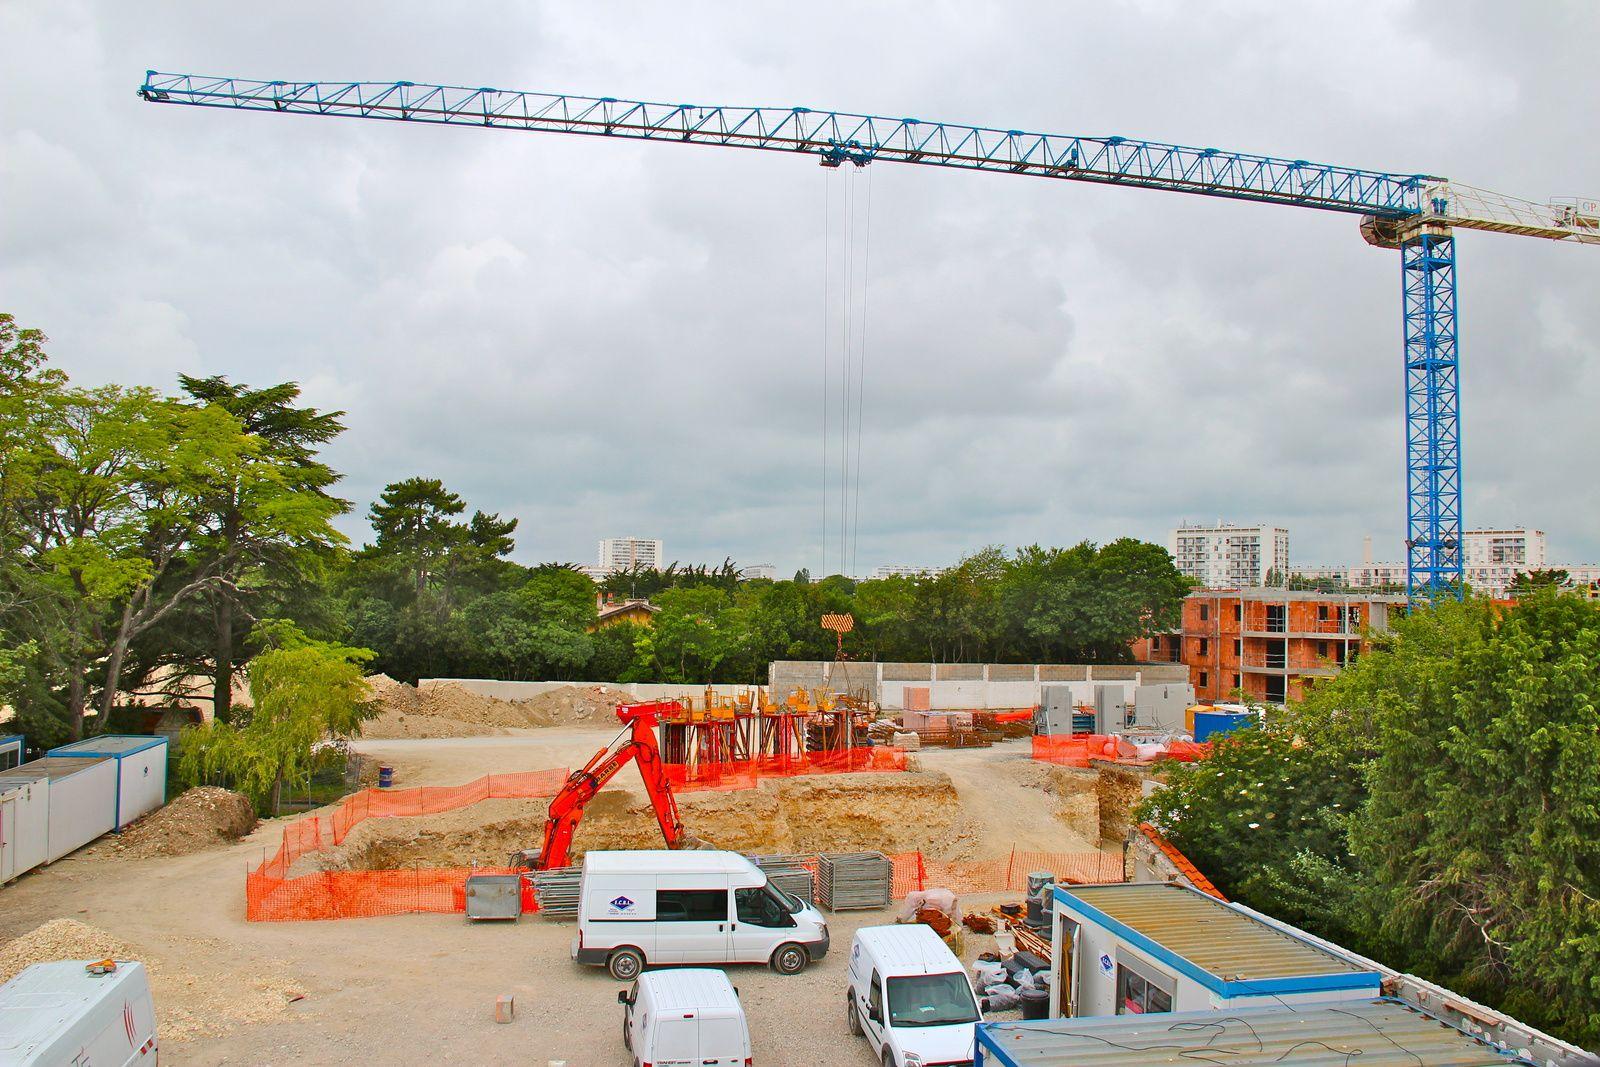 La silhouette d'un projet qui laisse deviner l'implantation et les formes du site en cours de construction.